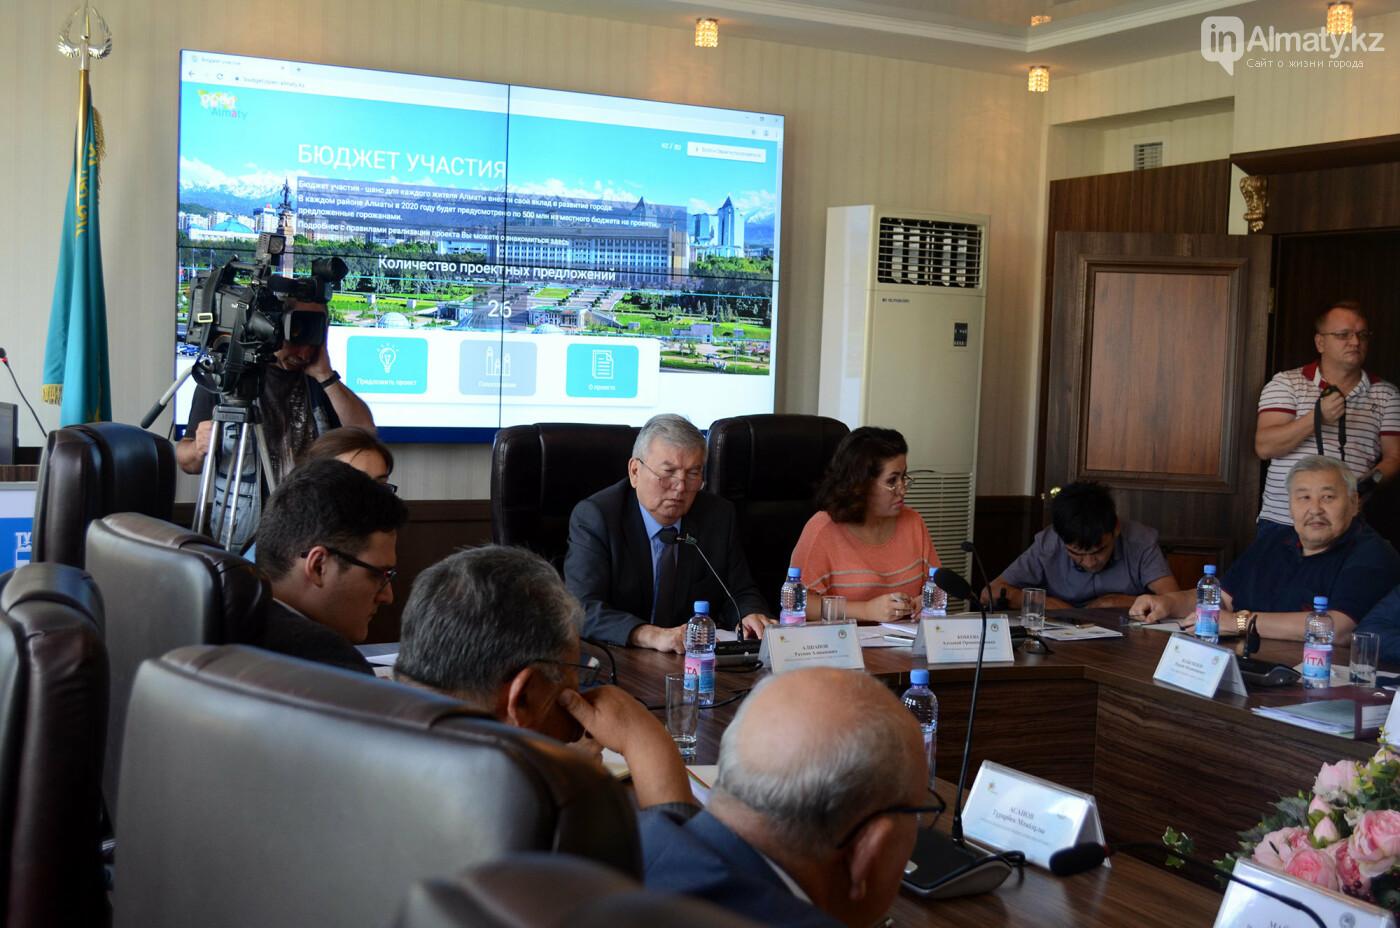 Проект «Бюджета участия» в Алматы отправили на доработку по предложению Общественного совета , фото-1